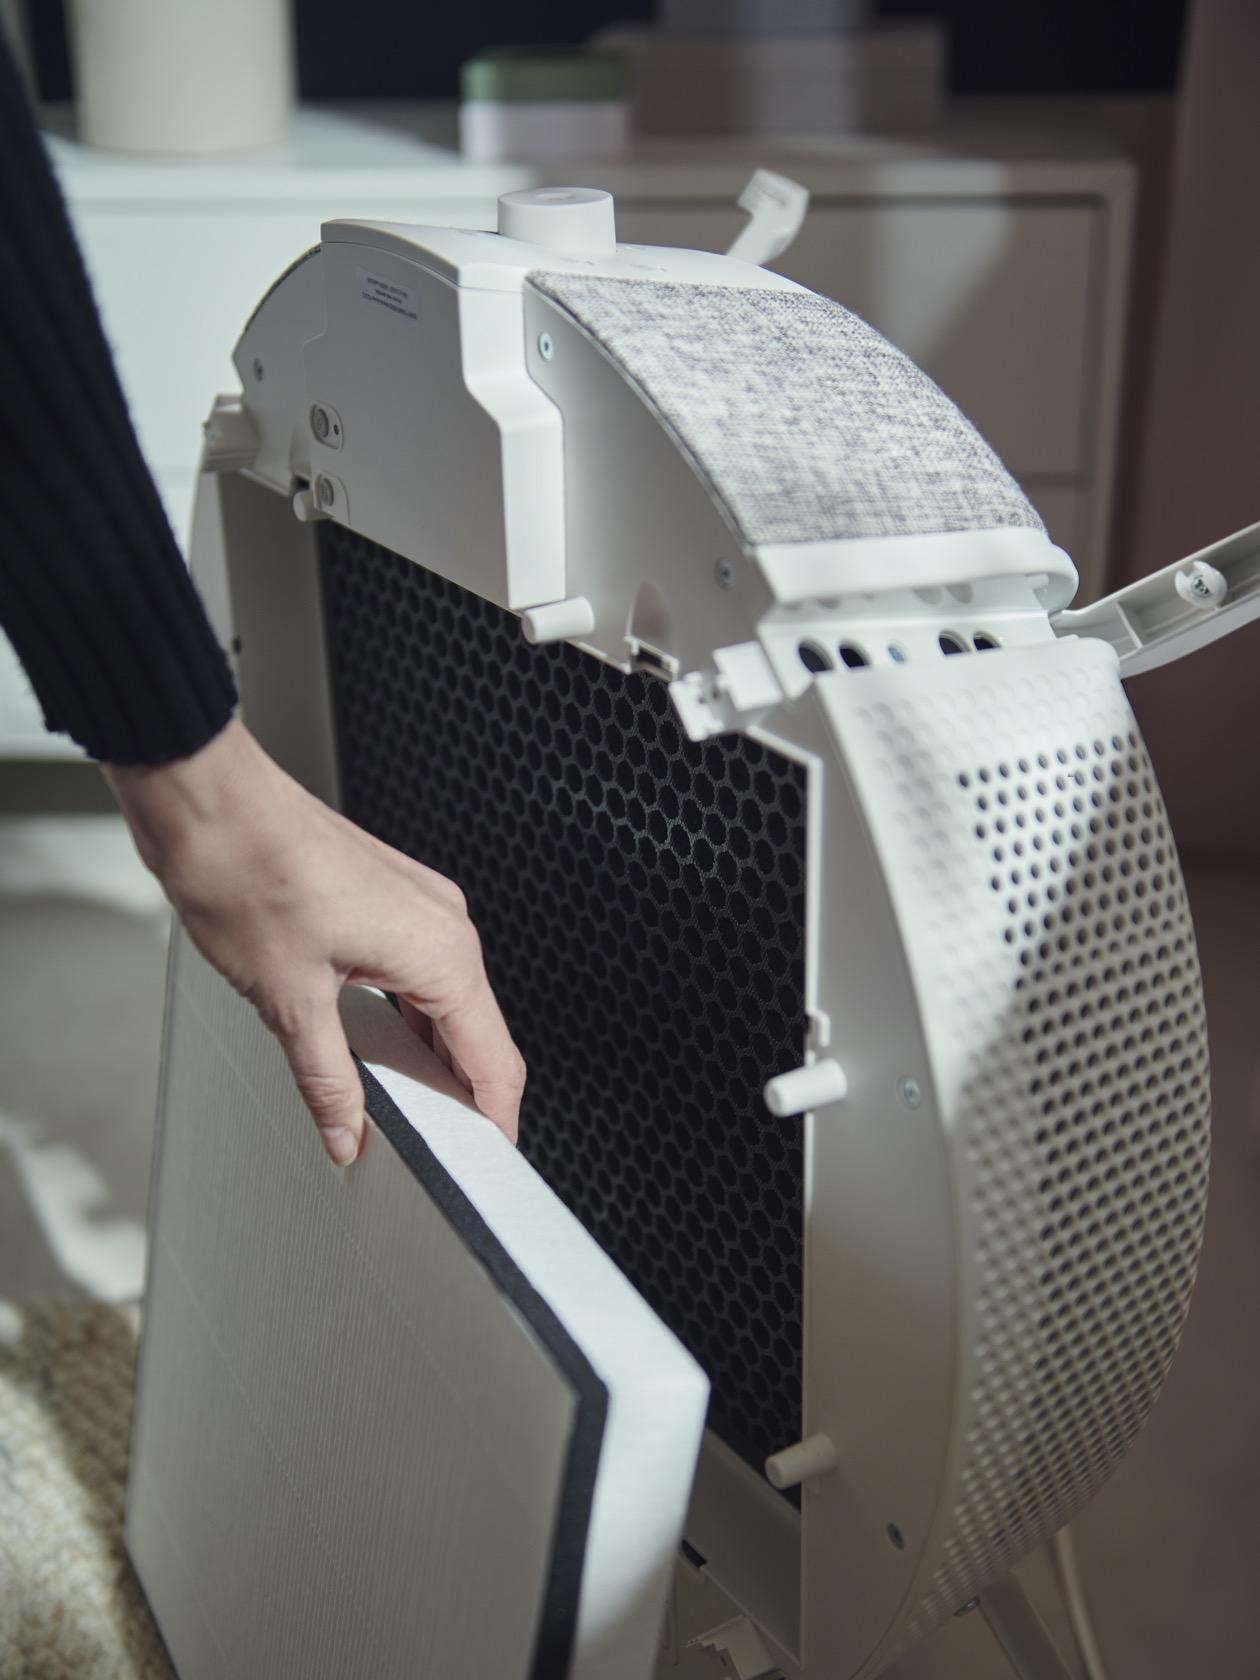 Ikea Starkvind air purifier filter